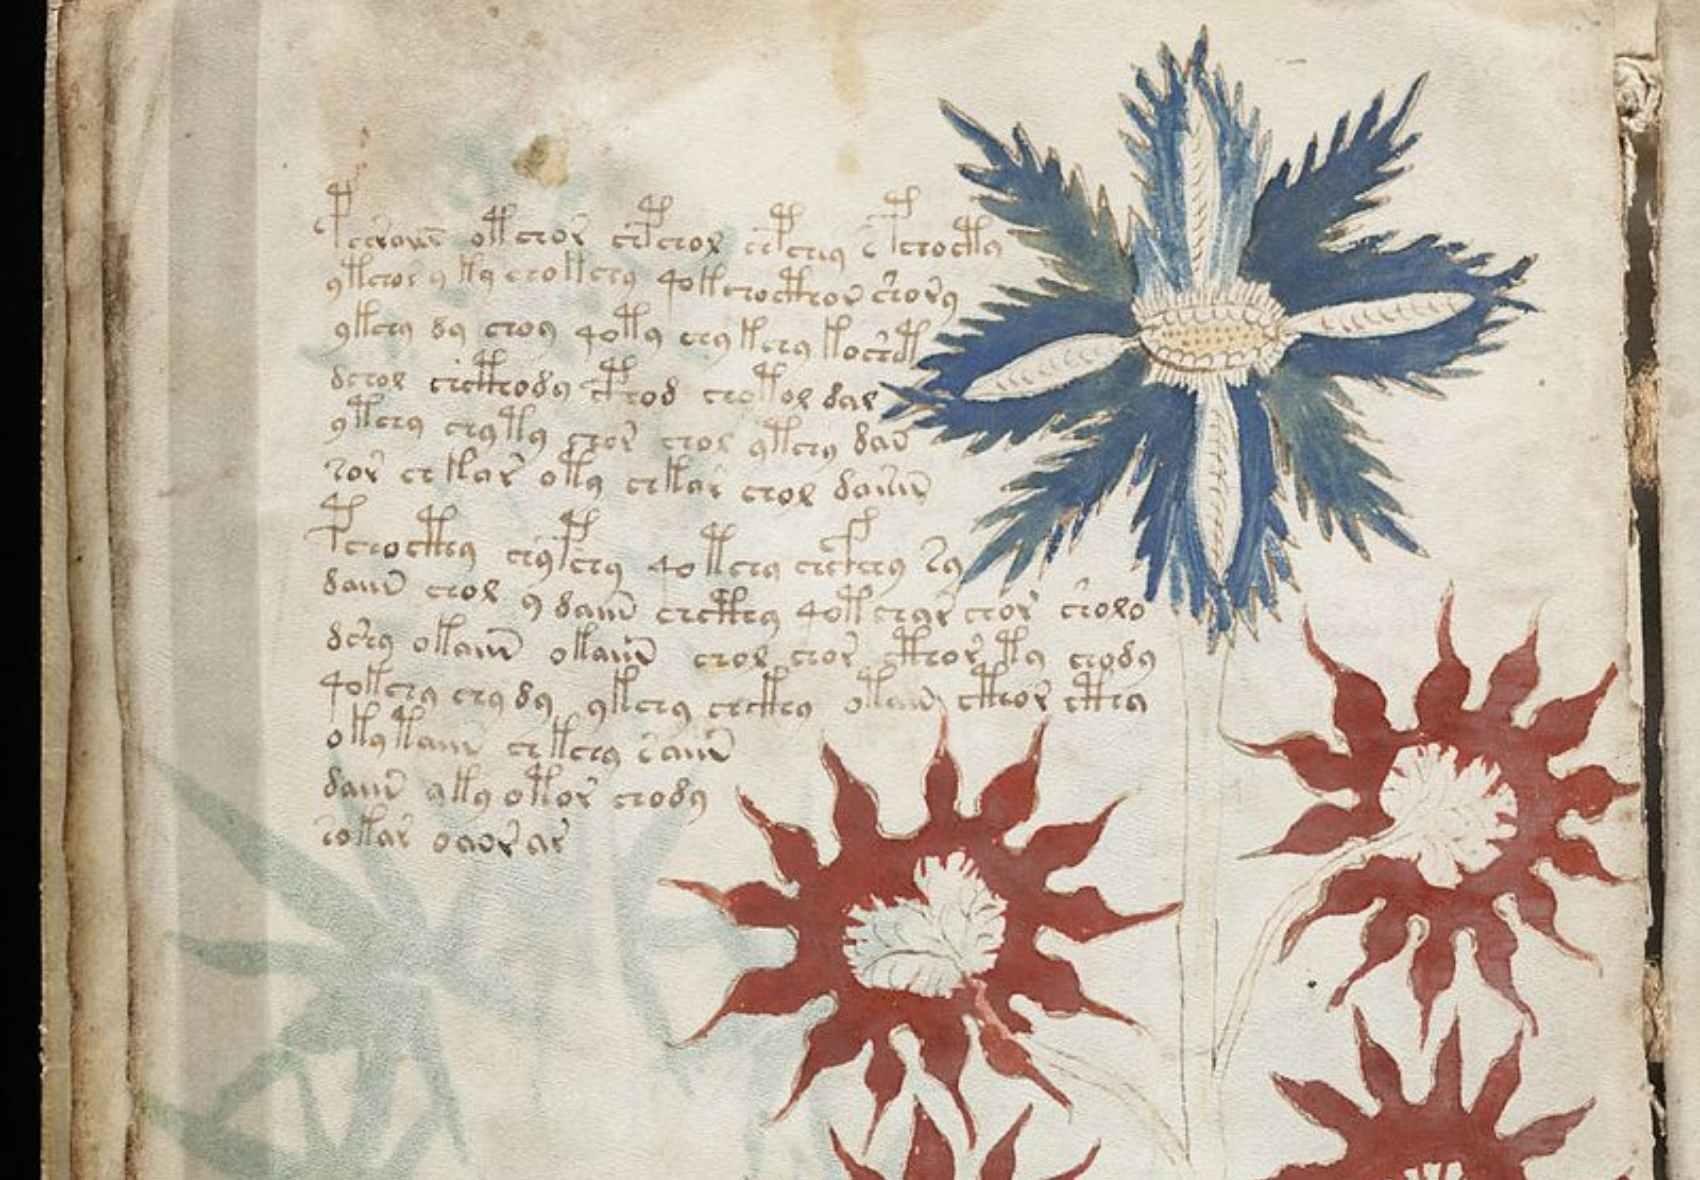 Los misterios del Manuscrito Voynich, el libro que nadie puede leer